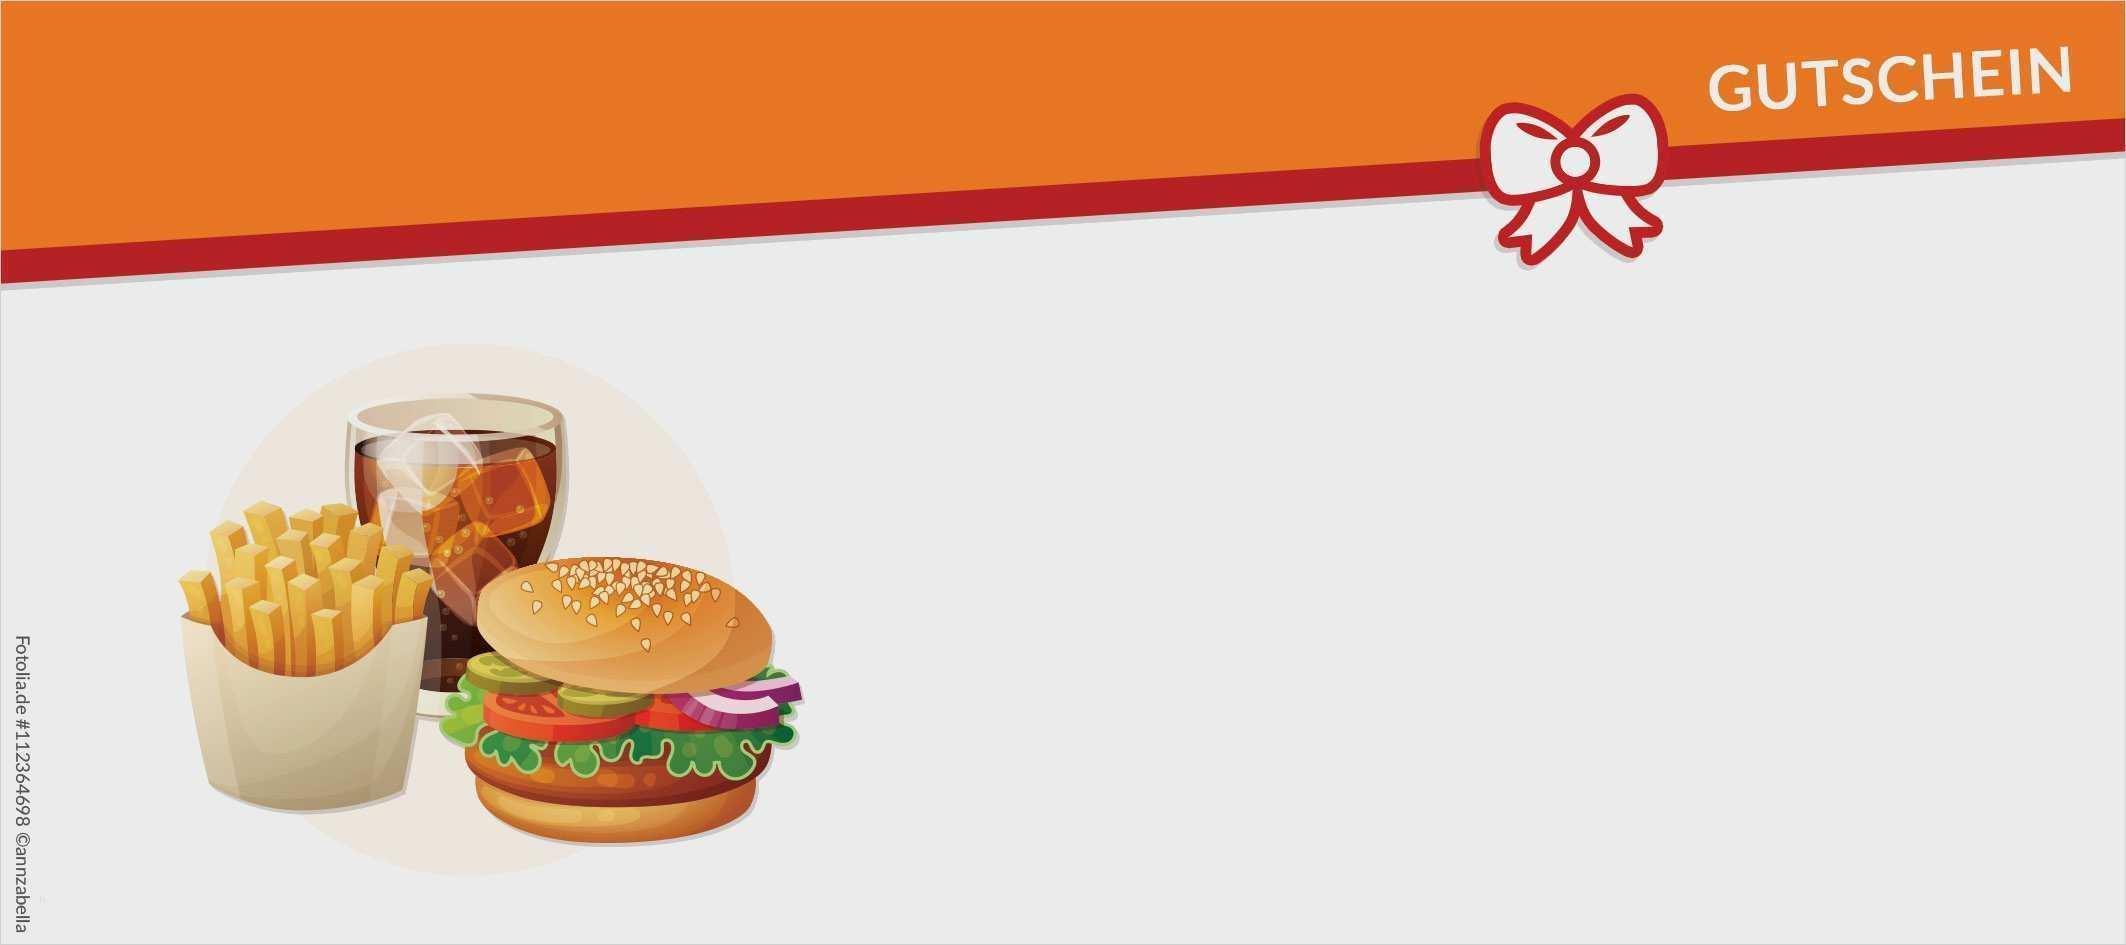 Gut Gutschein Essen Vorlage Word Ebendiese Konnen Einstellen In Microsoft Word Gutschein Essen Gutschein Essen Gehen Gutscheine